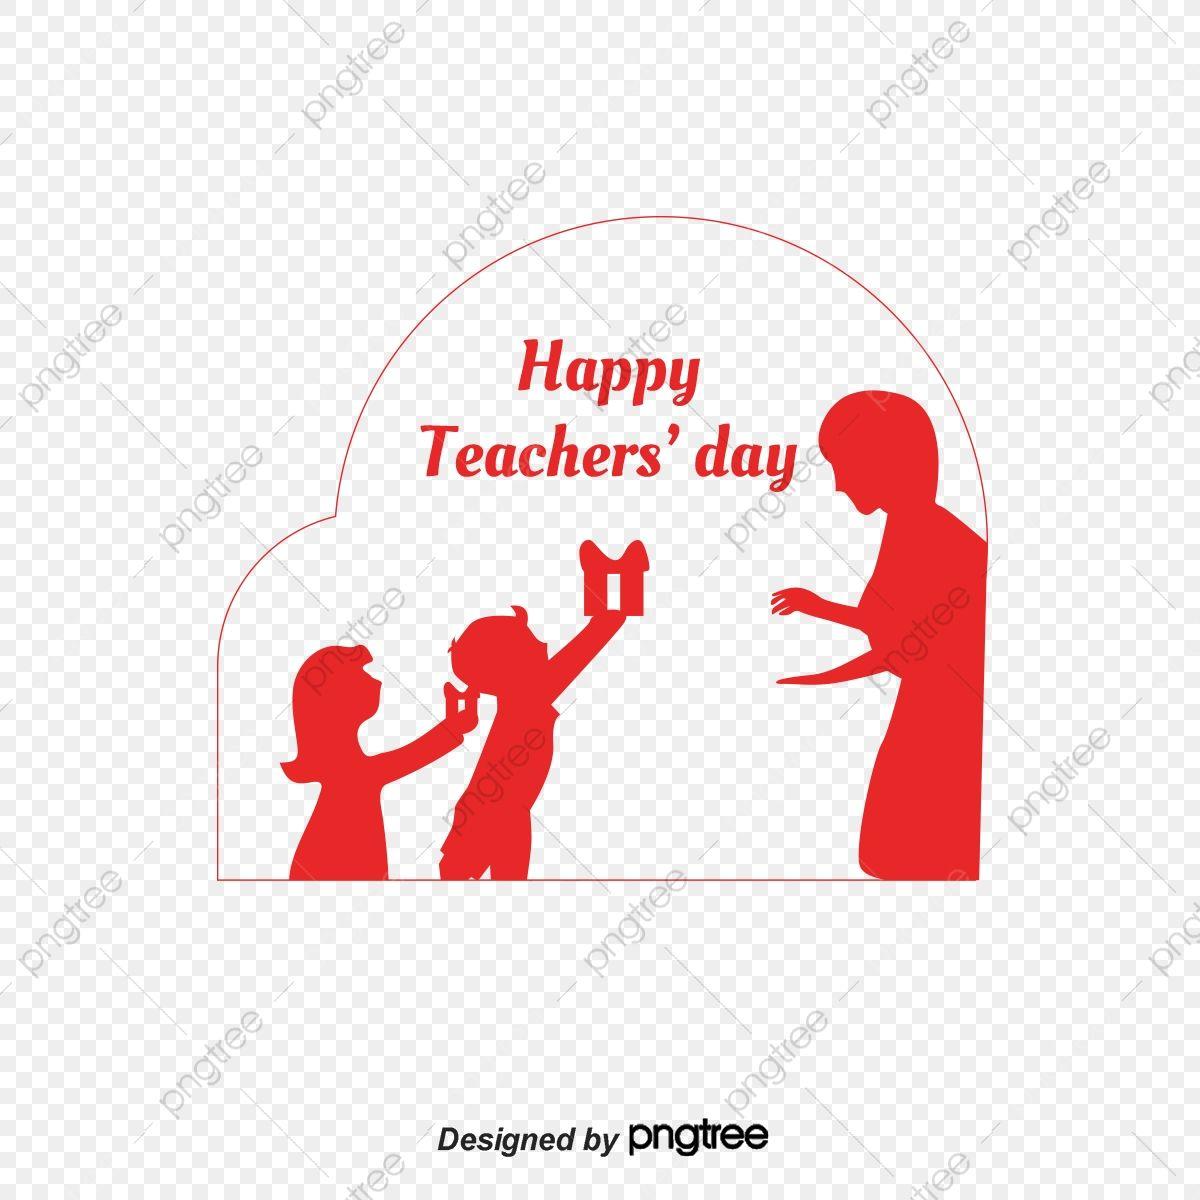 مسابقة يوم المعلم بطاقة شكر تصميم ديكور شكرا لك بطاقة نمط الديكور كارتون بطاقات معايدة Png والمتجهات للتحميل مجانا Teachers Day Card Happy Valentines Day Card Teachers Day Card Design